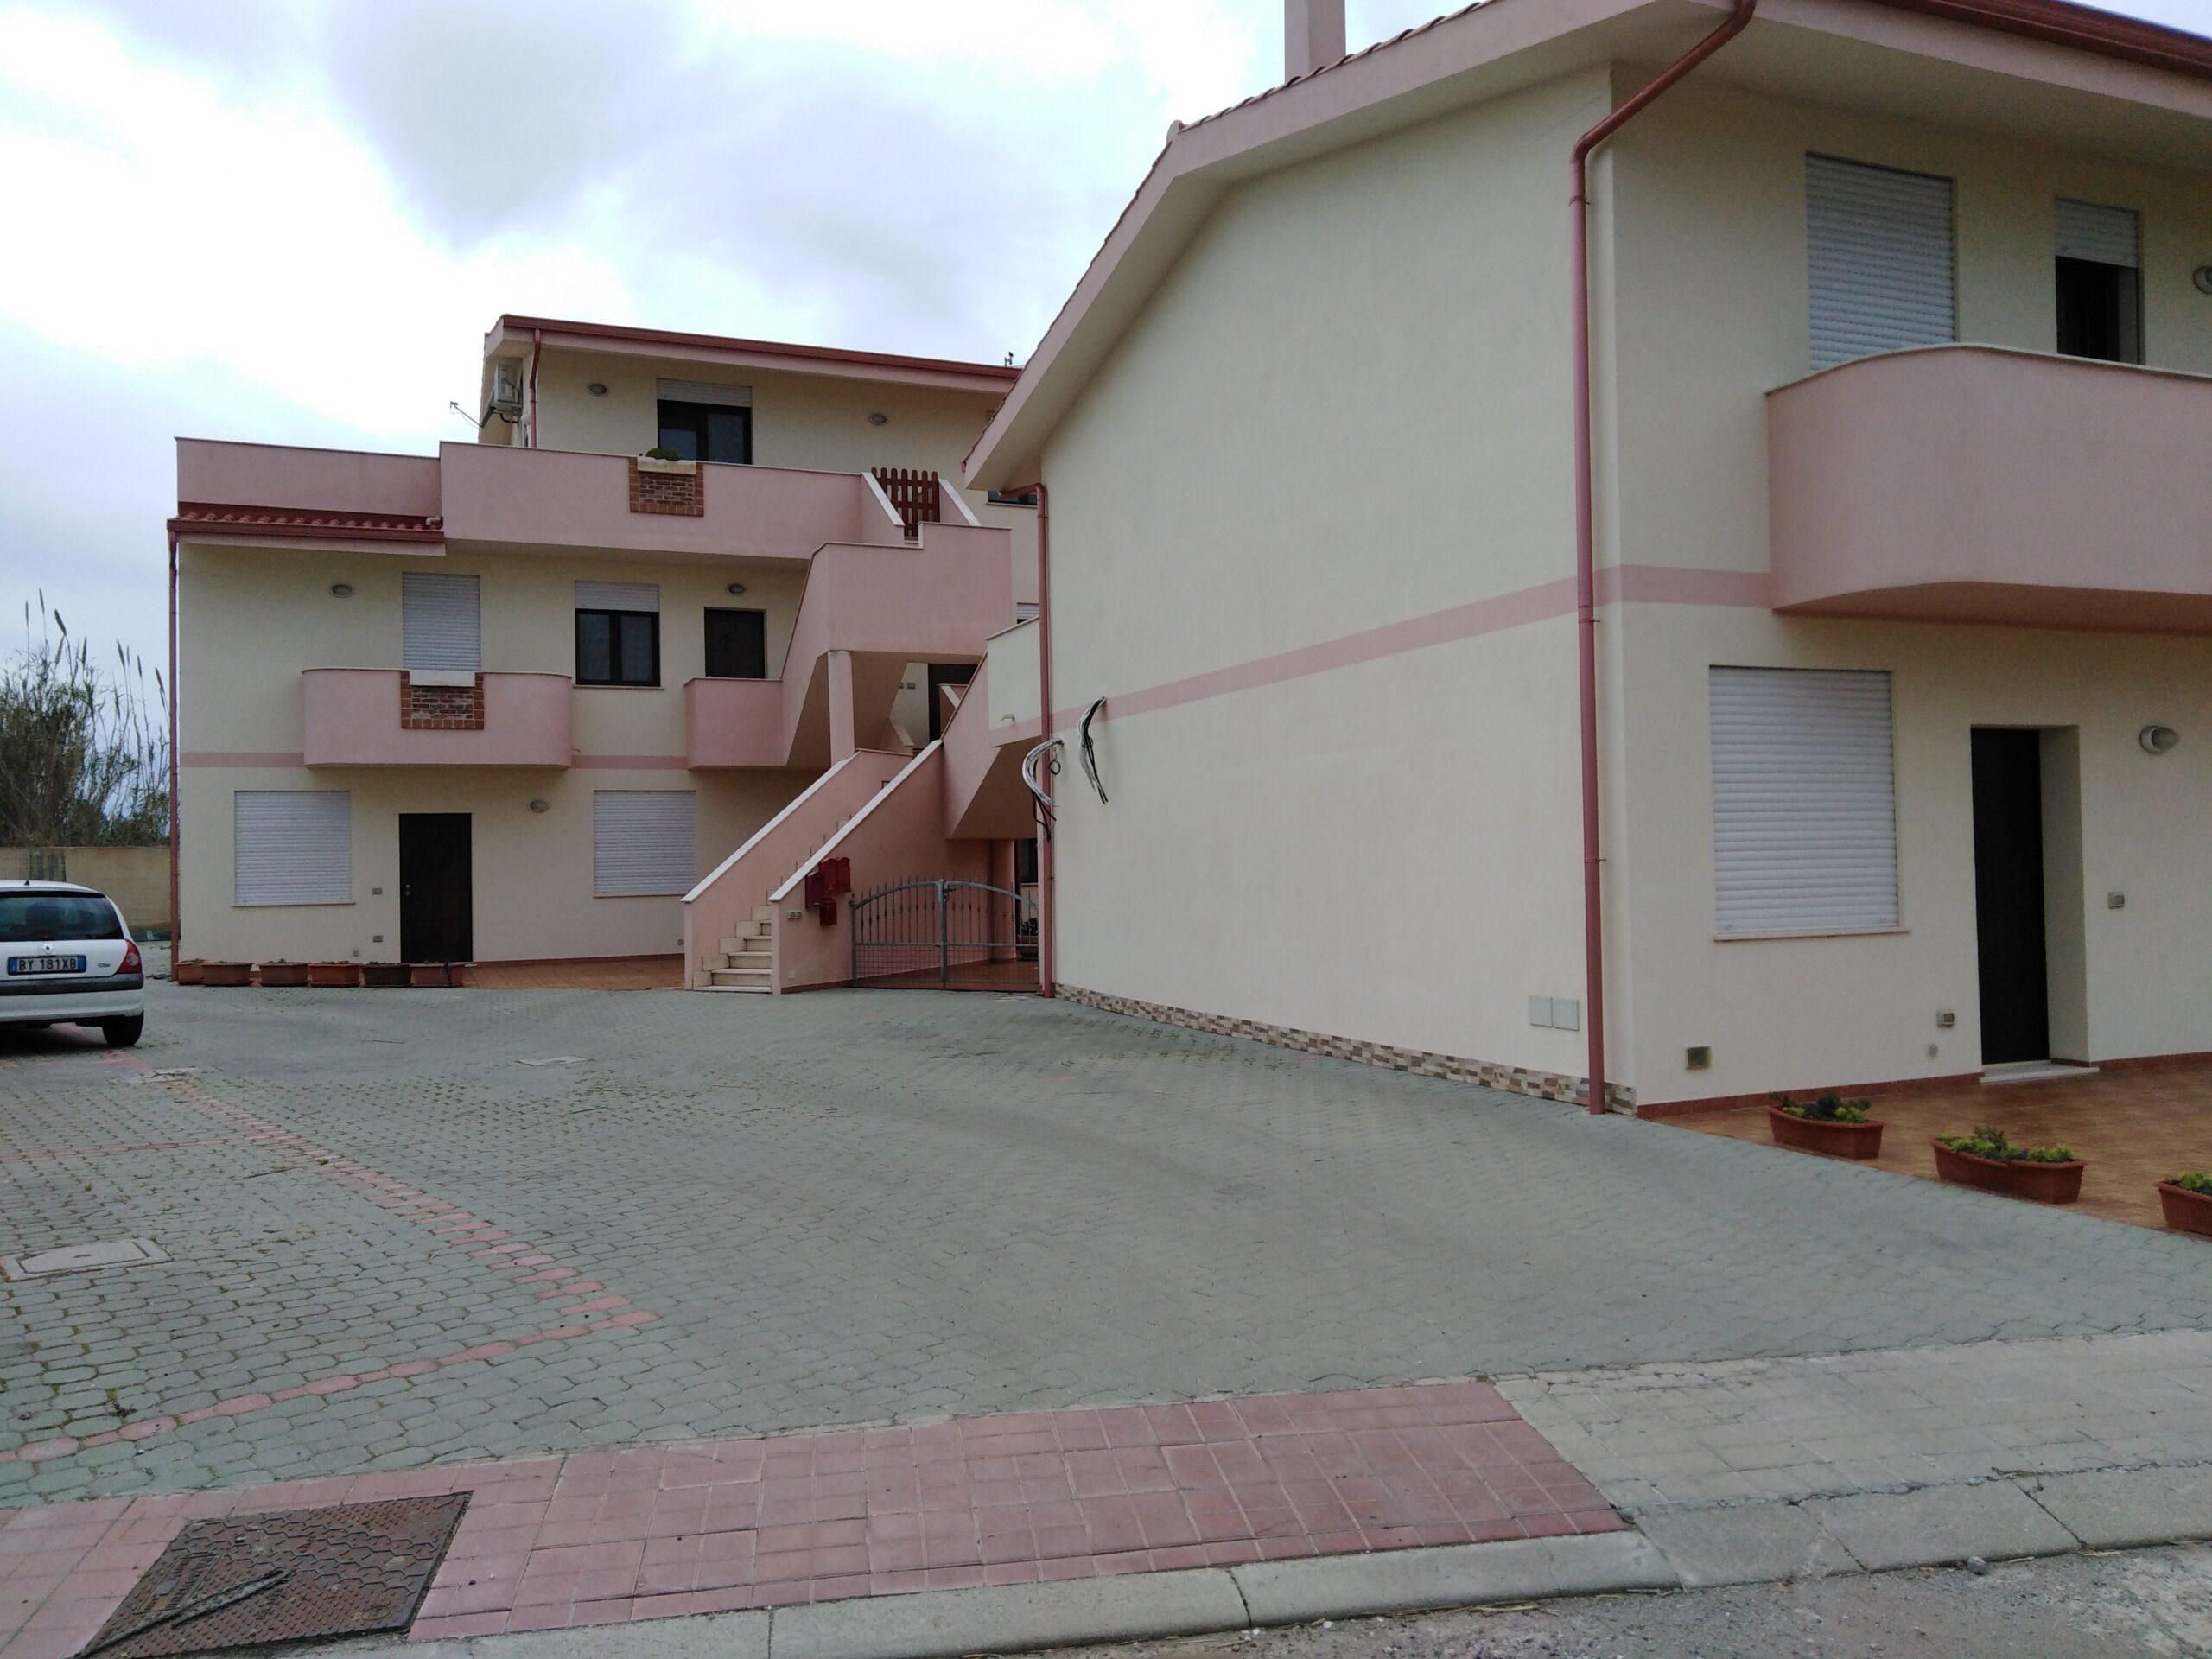 Appartamento panoramico in complesso immobiliare signorile